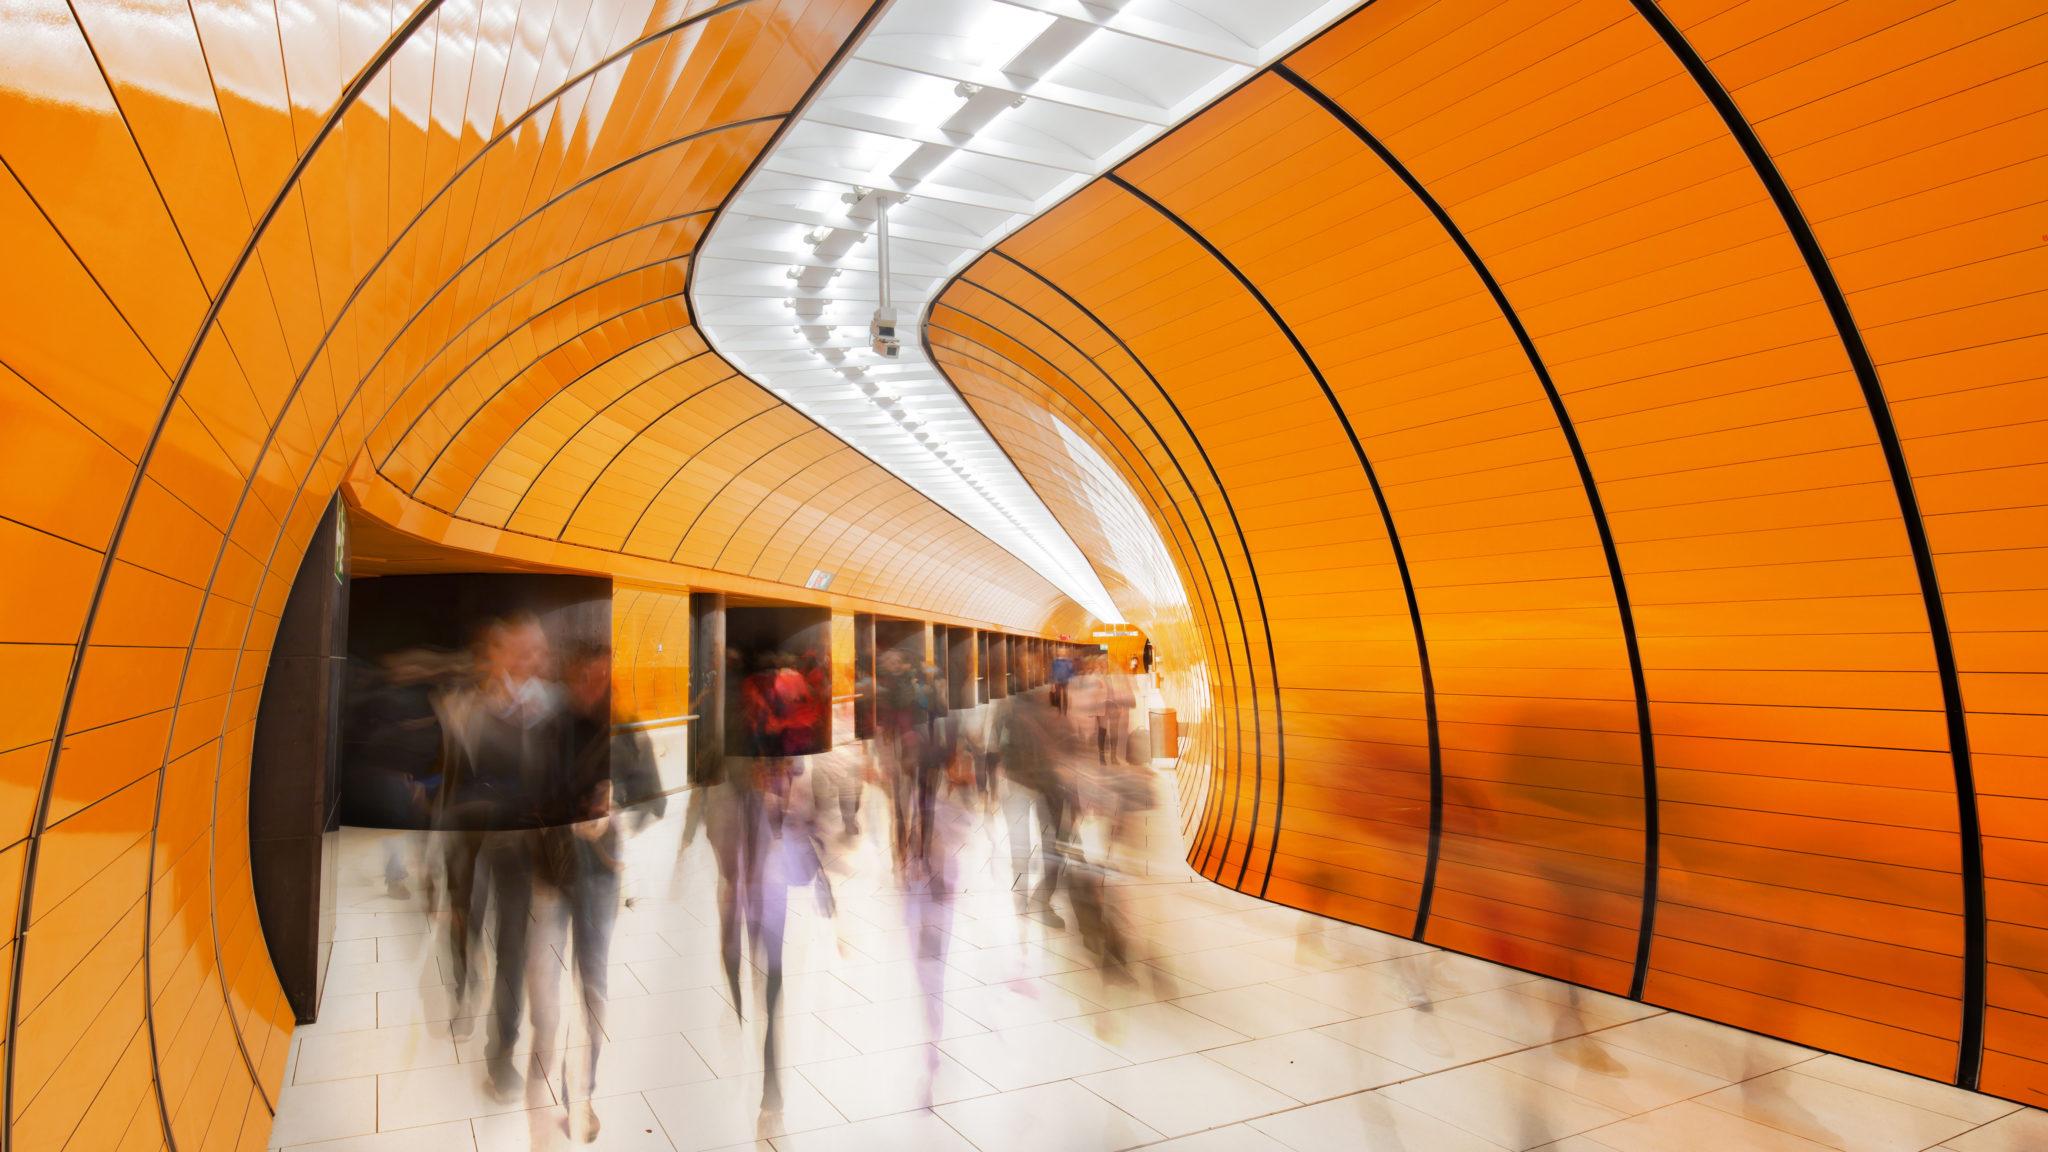 TA_subway_station_commuters